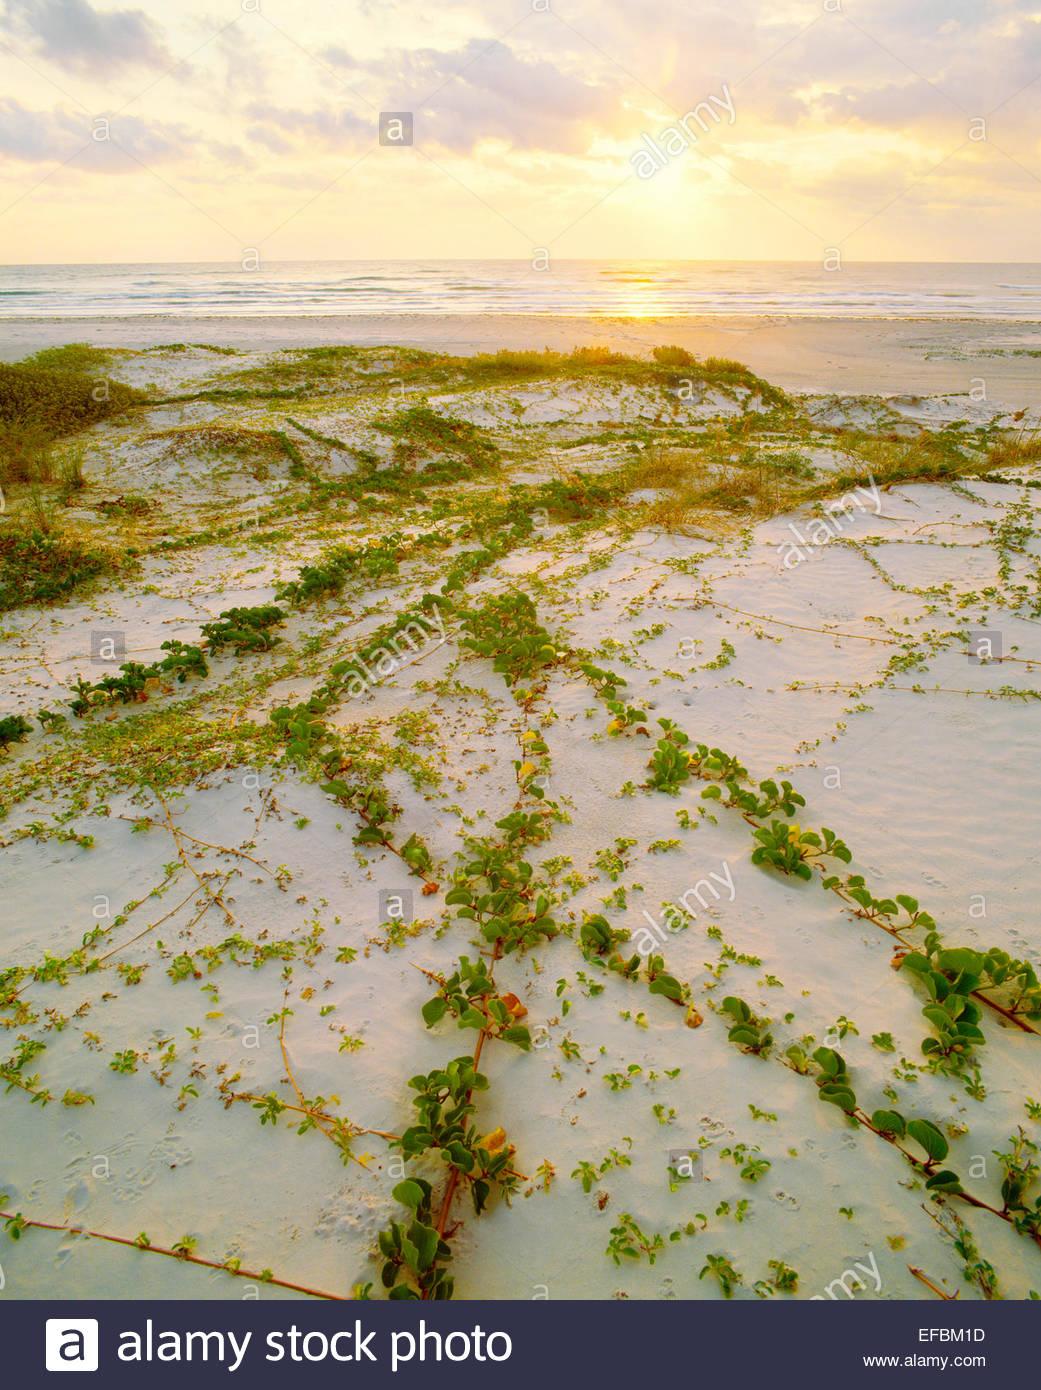 """Railroad vigne [lpomoea pes-caprae var. emarginata], et """"Gulf of Mexico beach au lever du soleil. Padre Island Photo Stock"""